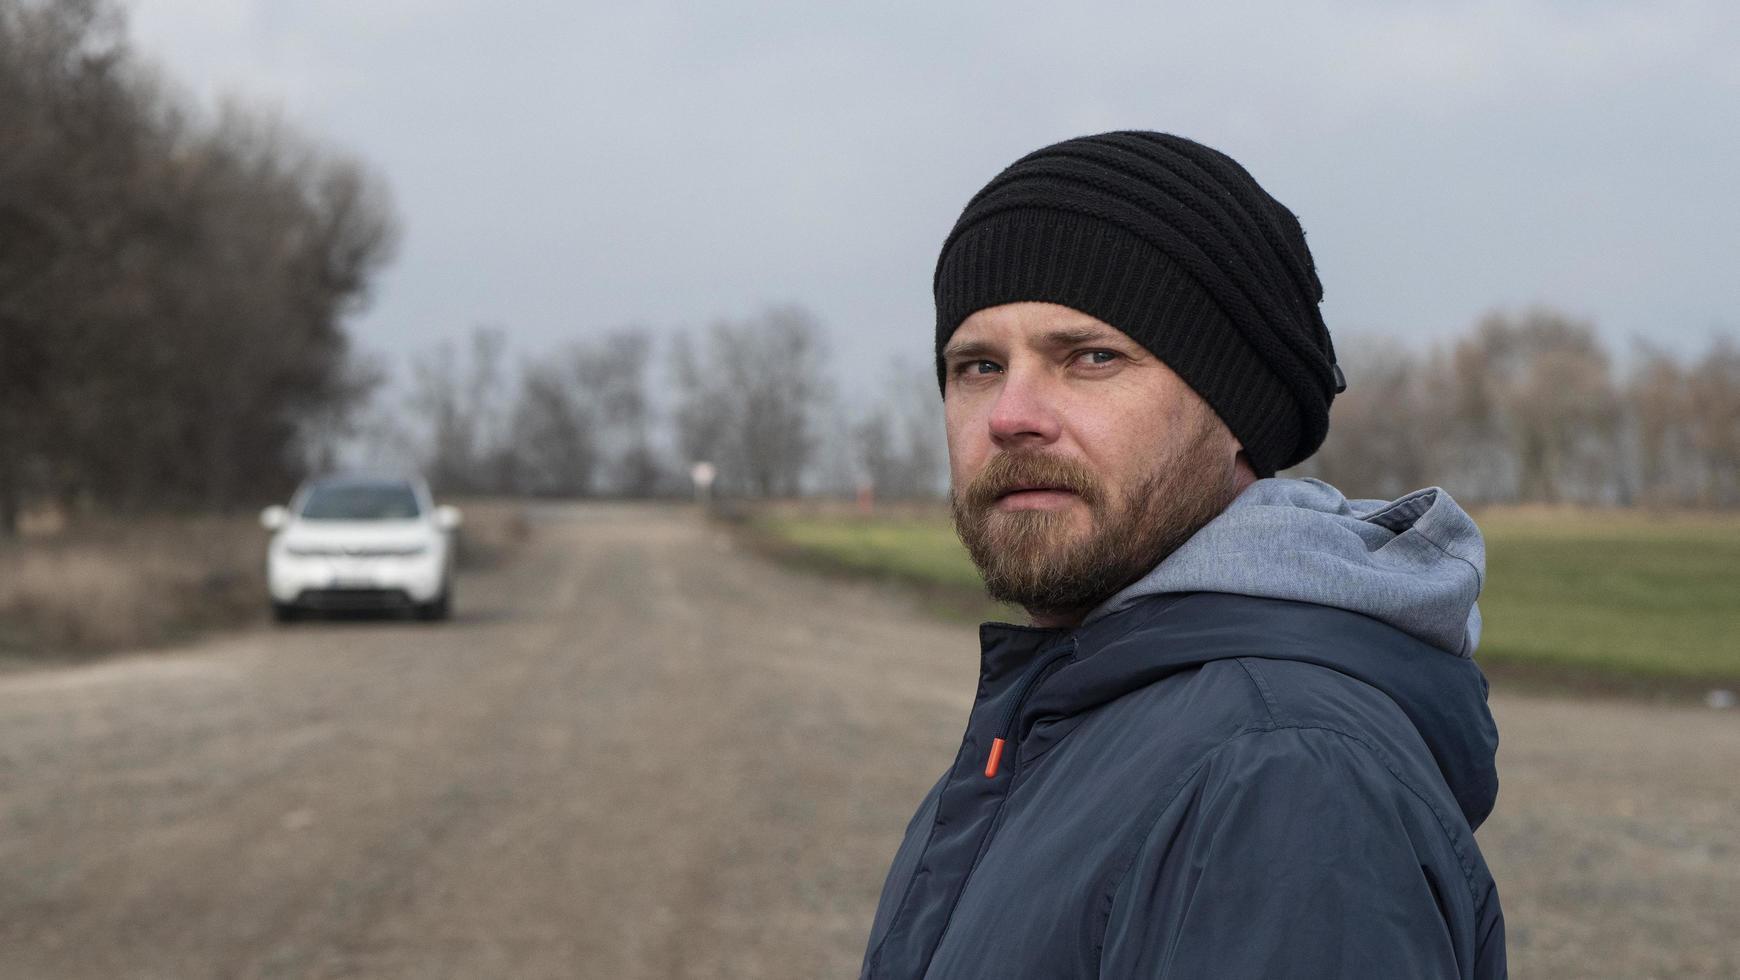 un hombre en un camino de tierra foto